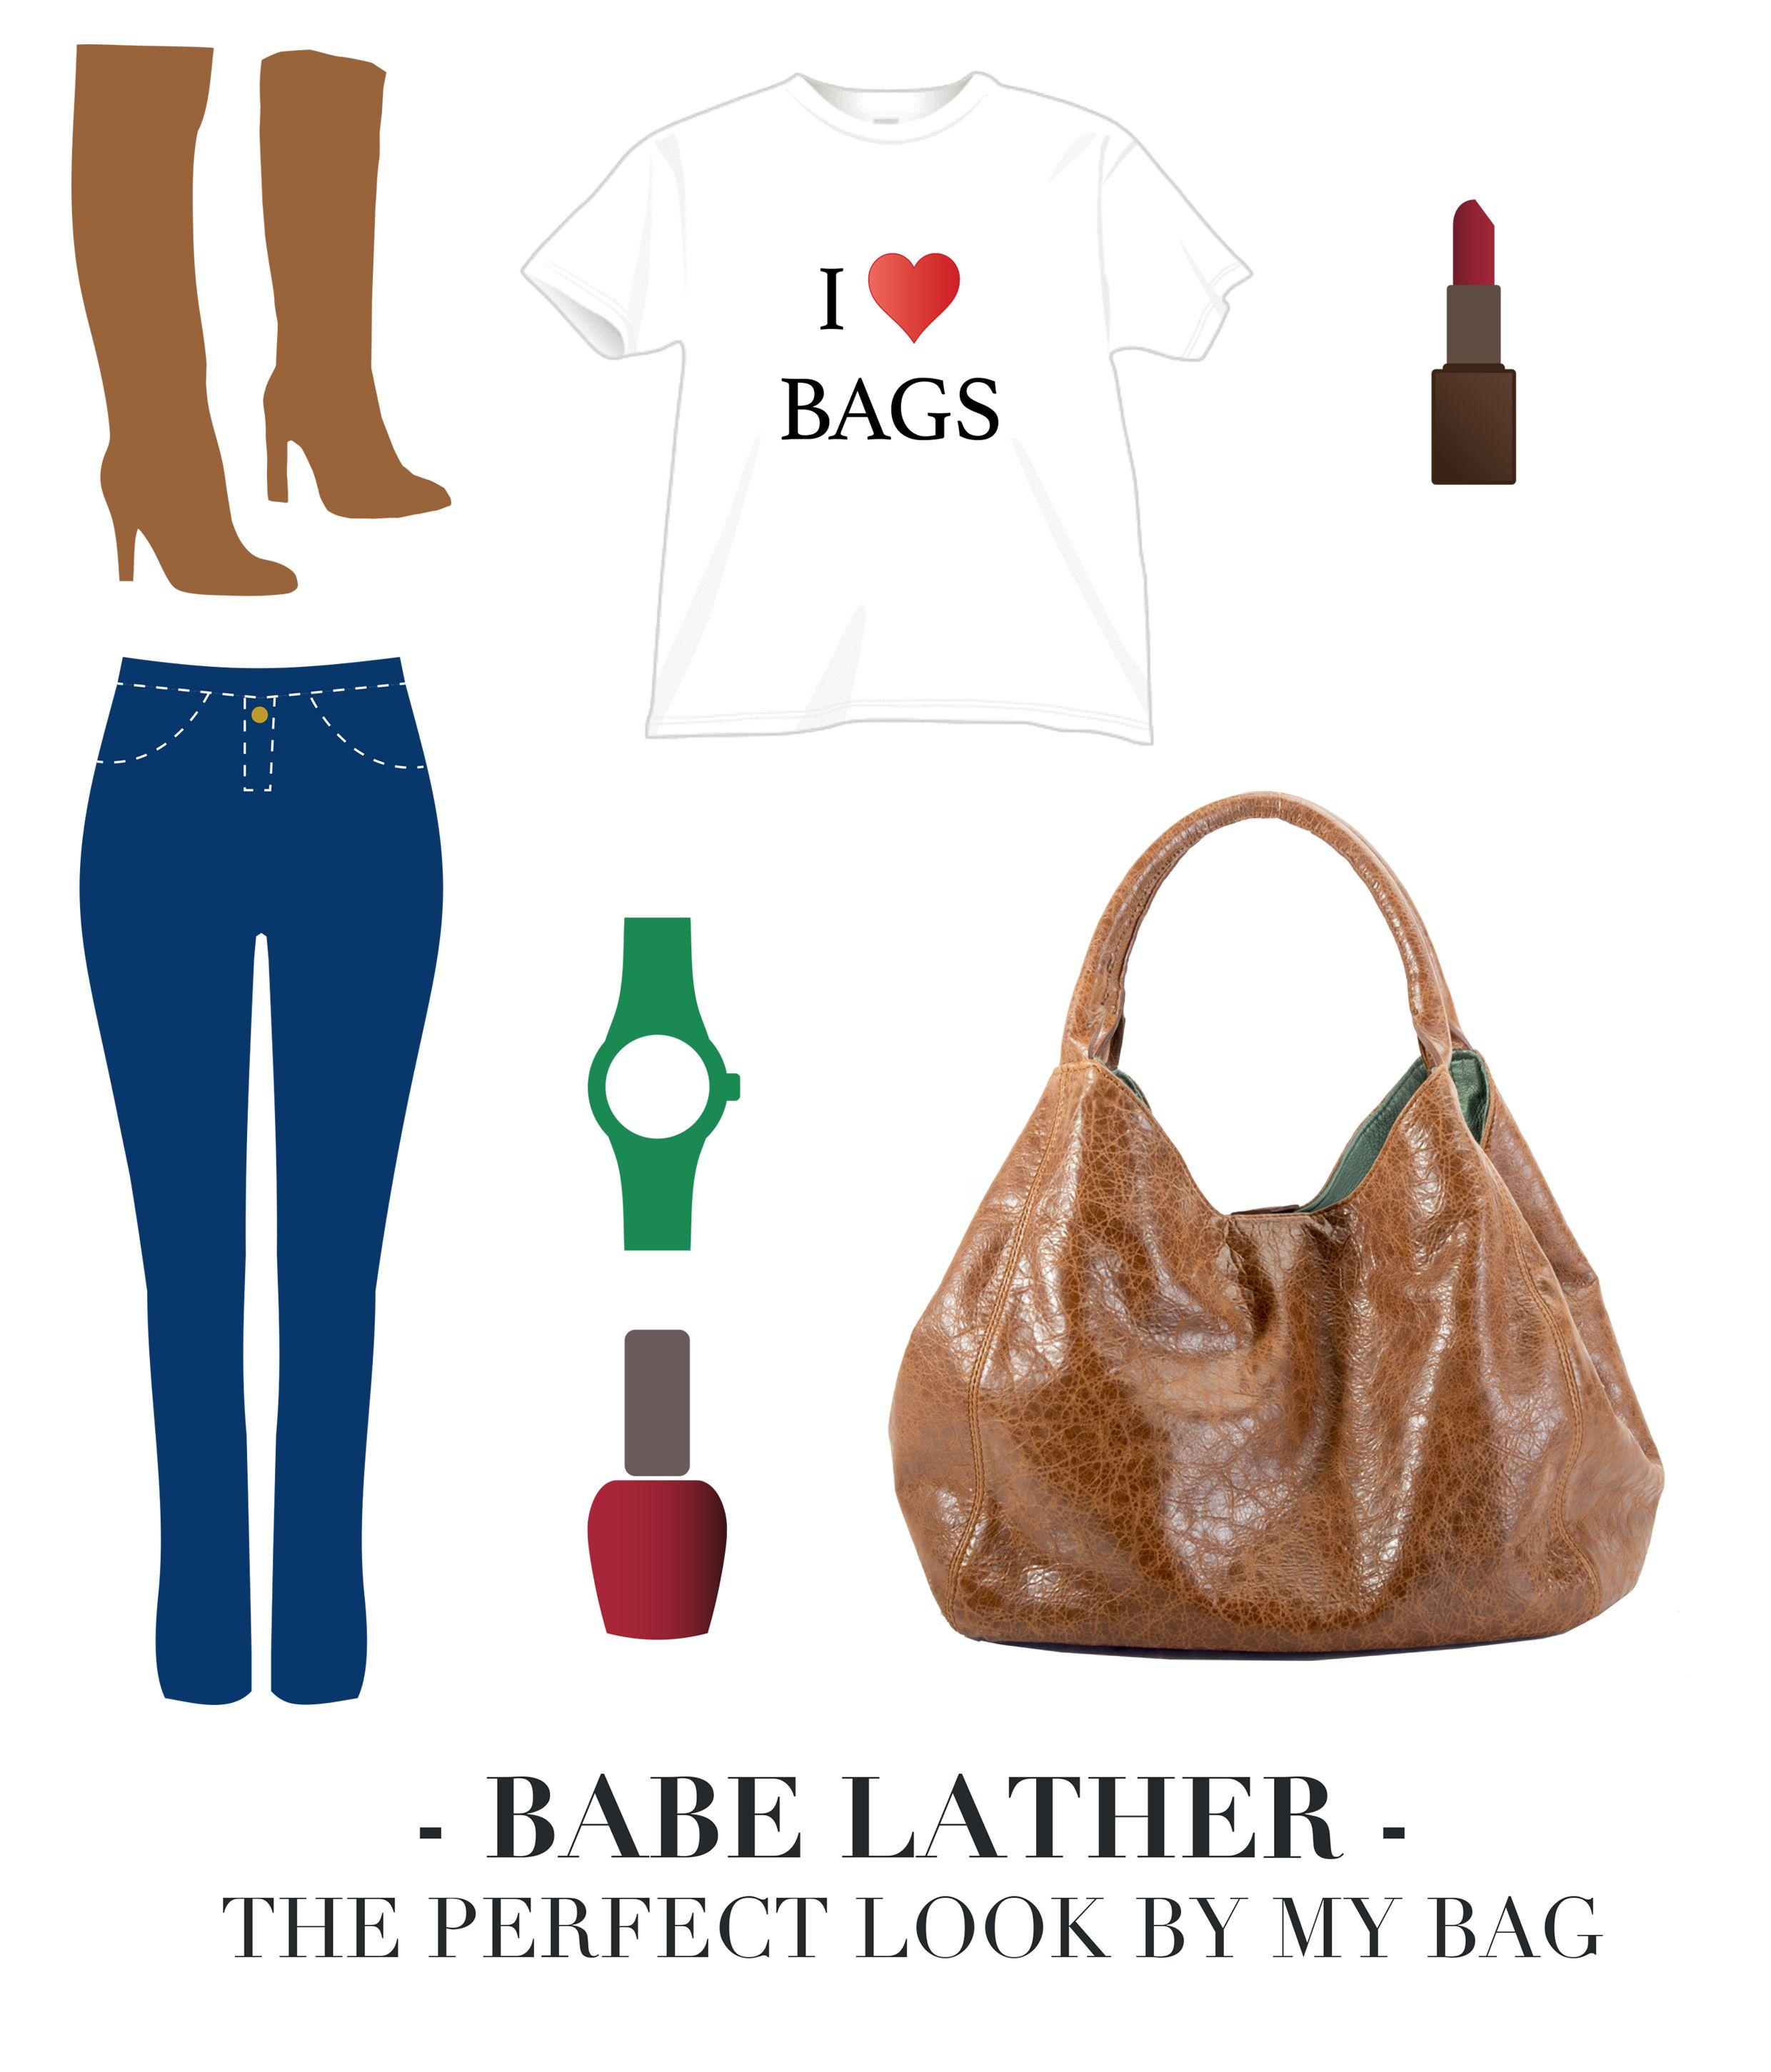 Babe Leather è la borsa in pelle che ti accompagna durante le commissioni della giornata. Realizzata da maestri artigiani, ha un design dinamico e moderno, valorizzato da raffinate finiture. I pratici accessori ti garantiscono la comodità di avere le cose importanti sempre a portata di mano. E c'è anche uno stupendo portachiavi in omaggio. http://www.borsemami.it/shop/it/home/39-babe-leather.html